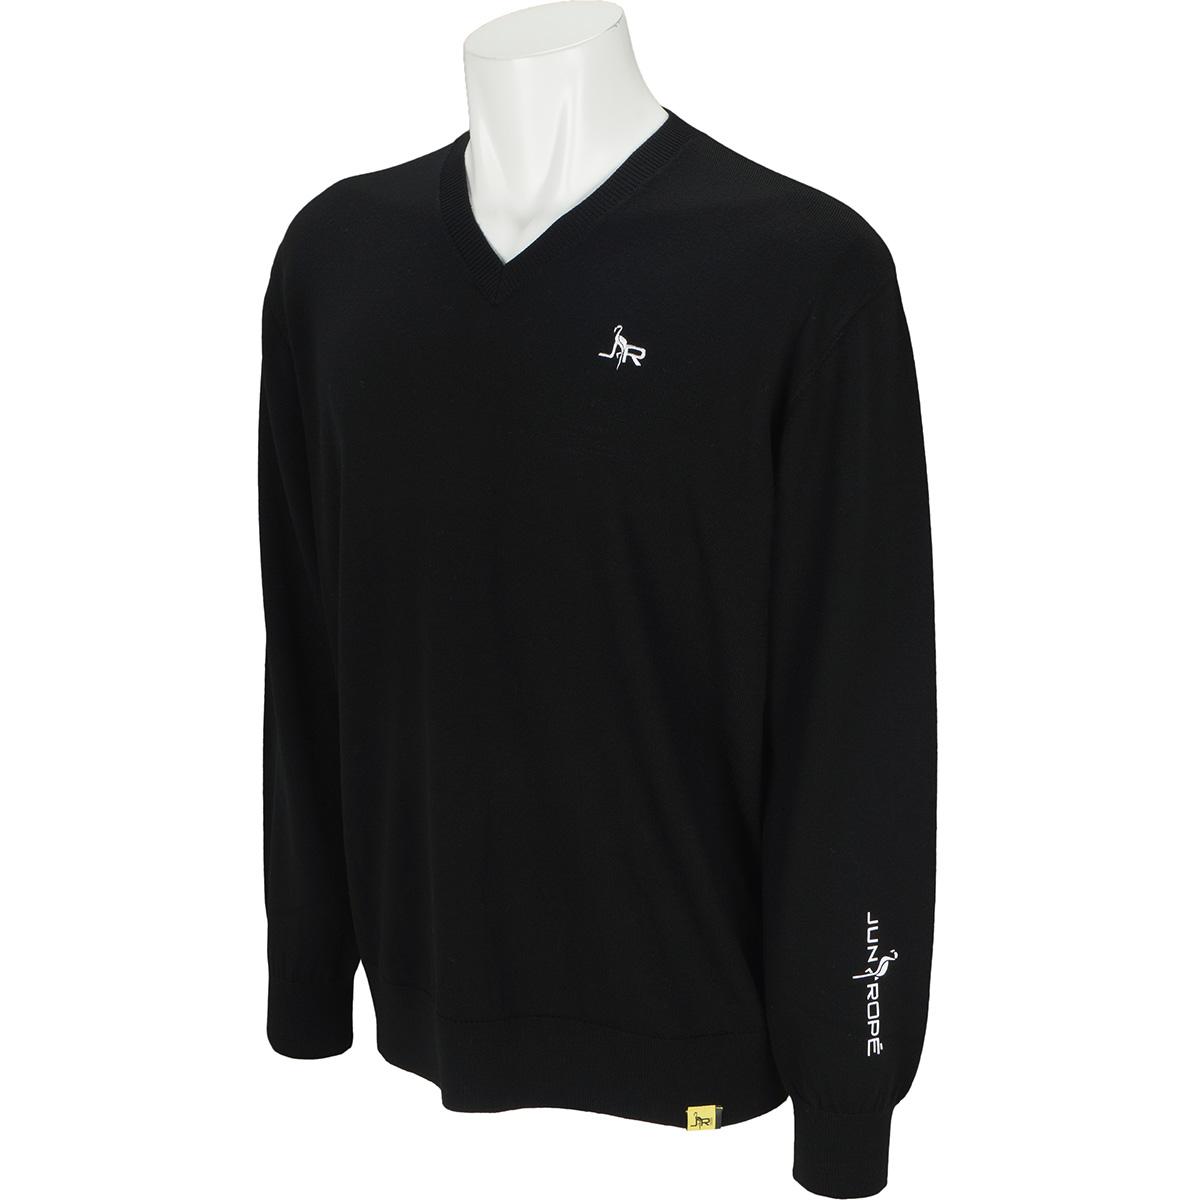 袖プリントVネックセーター